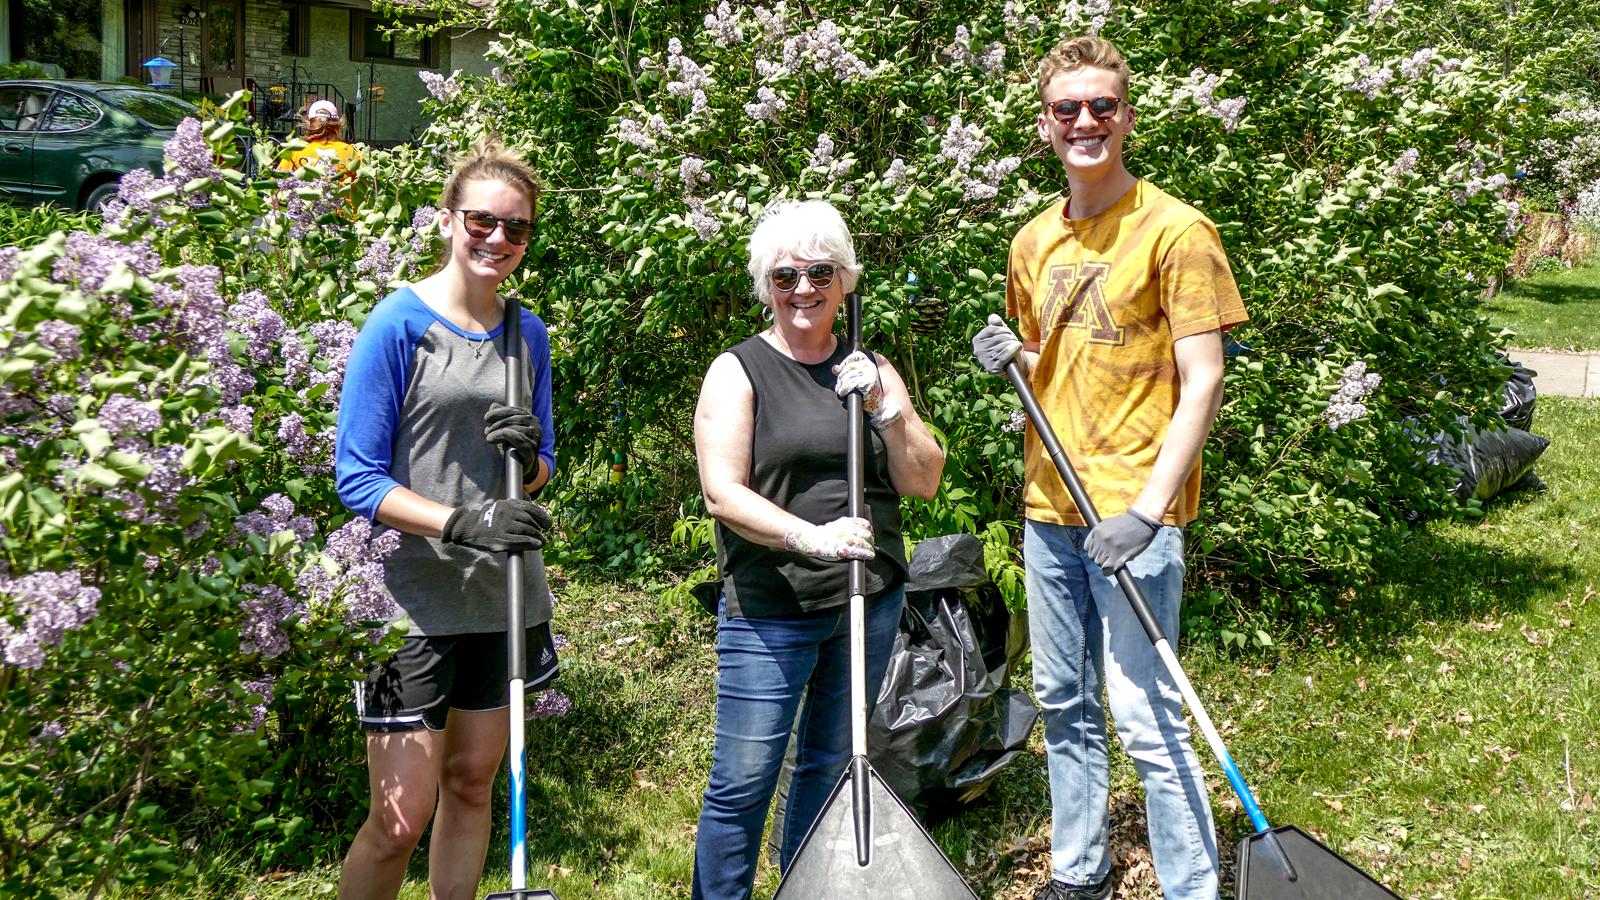 volunteer-raking_1600x900